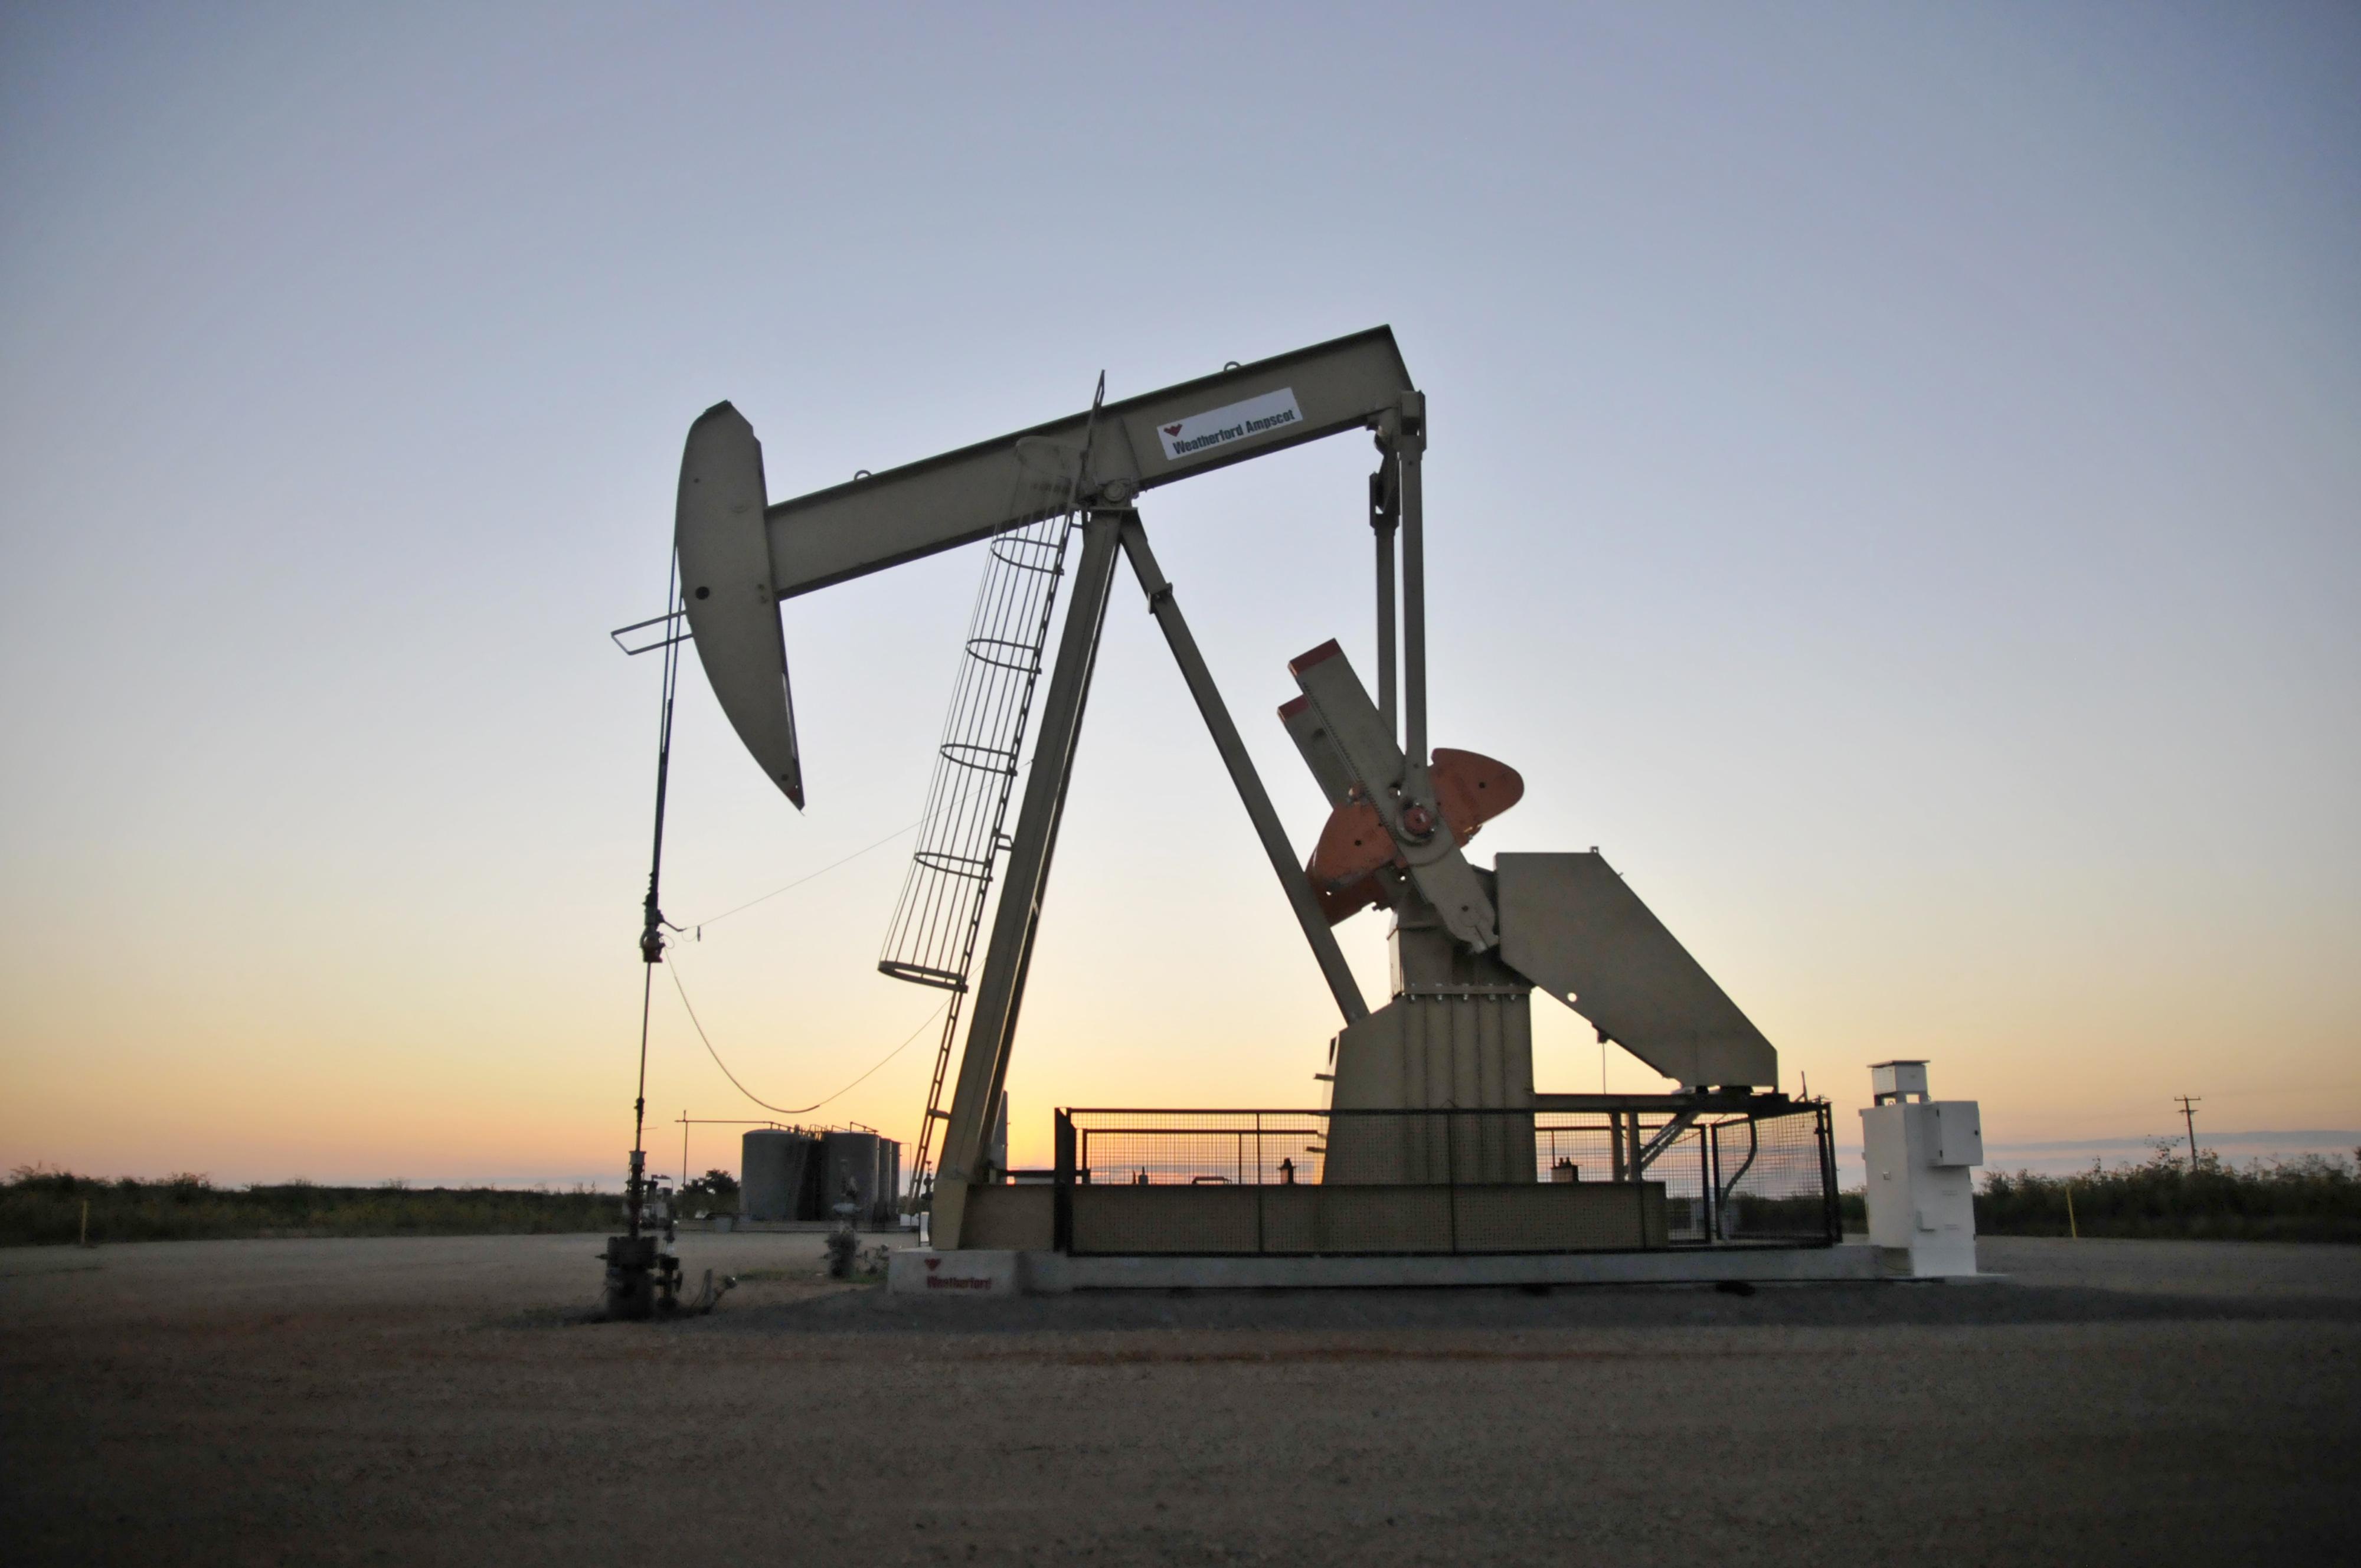 Ilustracija: Crpljenje nafte u Oklahomi